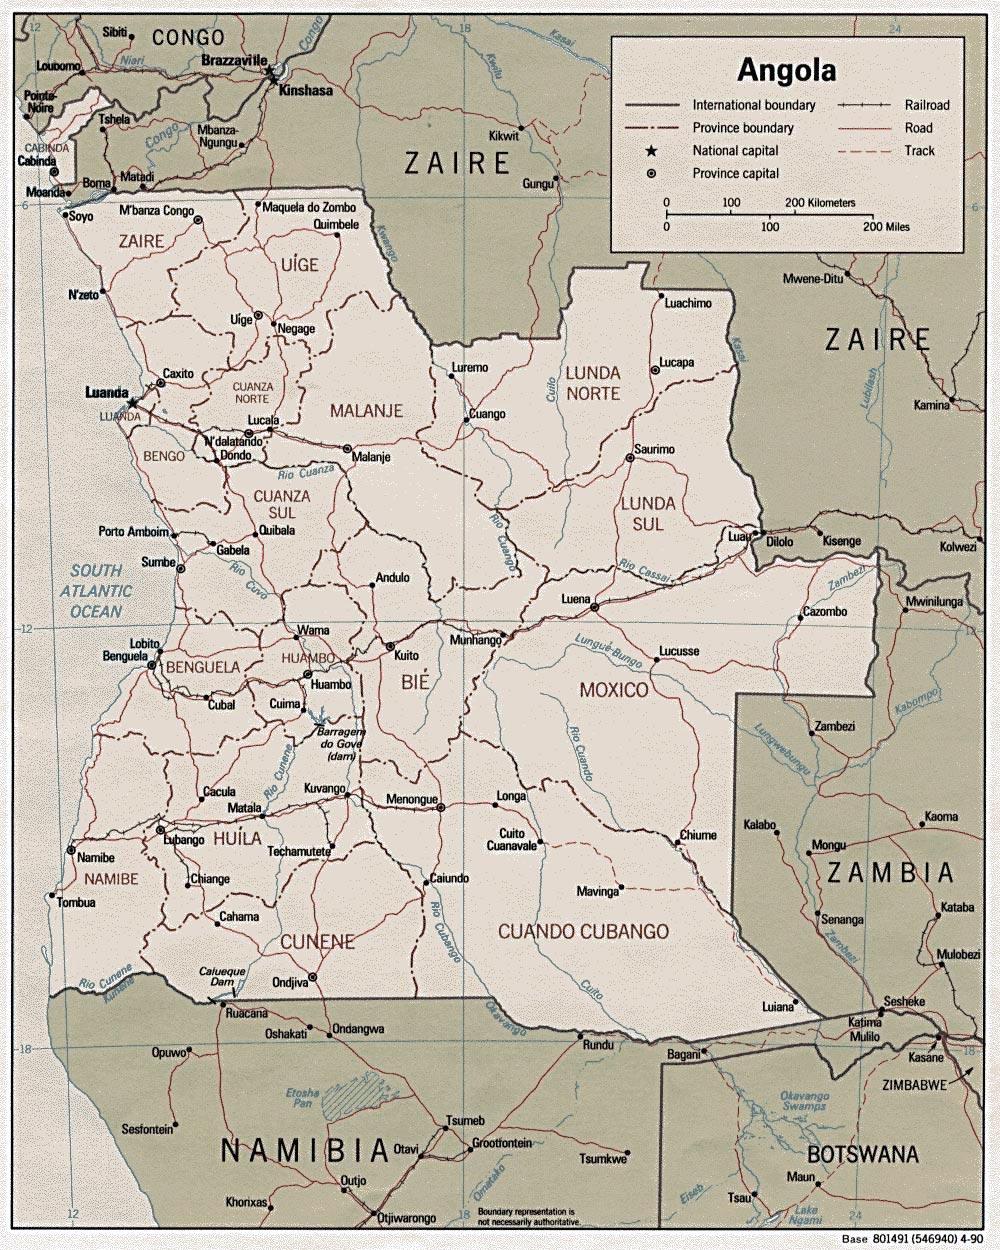 Angola Maps Printable Maps Of Angola For Download - Angola map